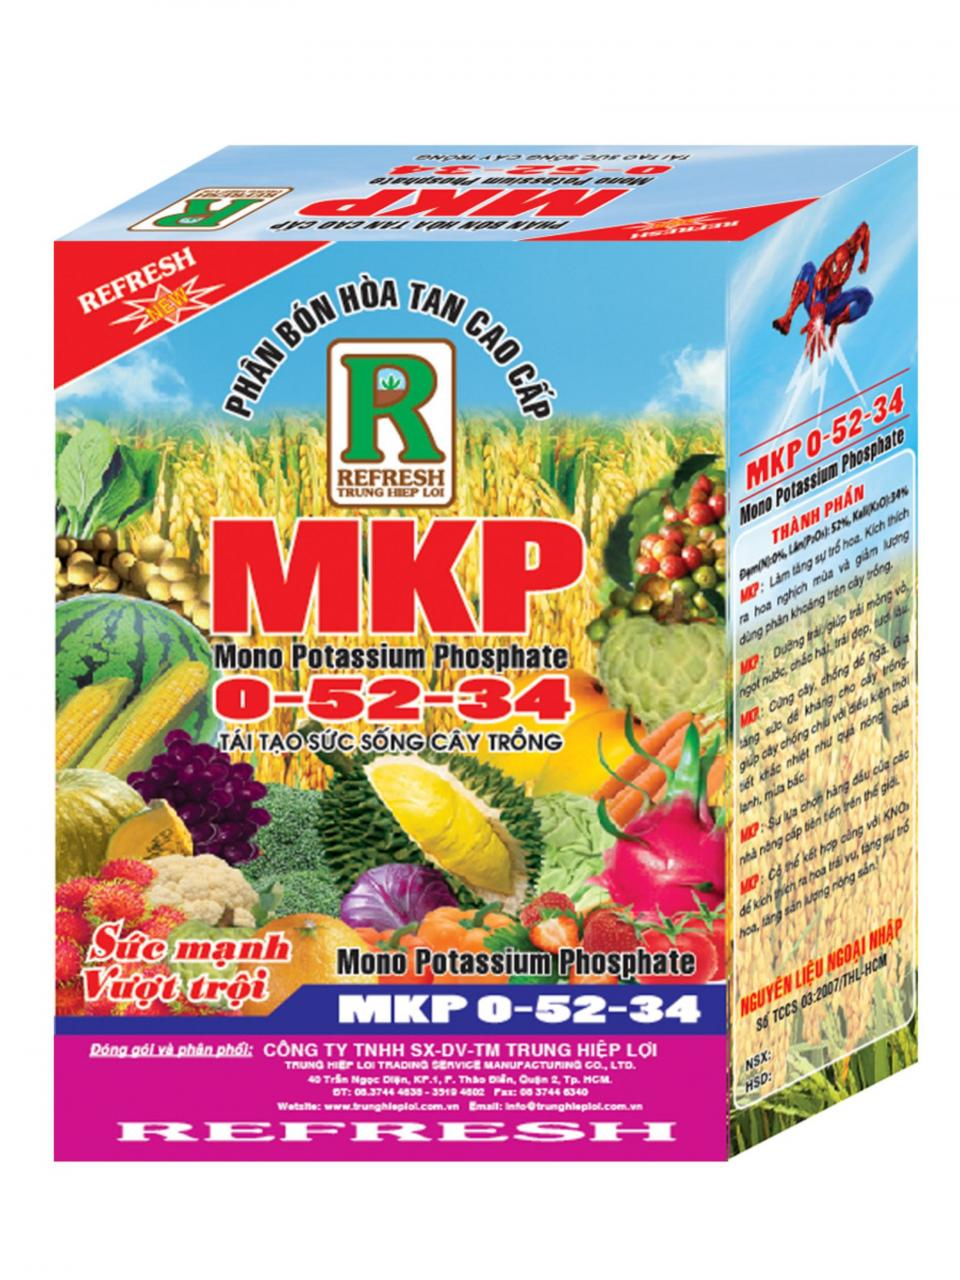 MKP 0-52-34